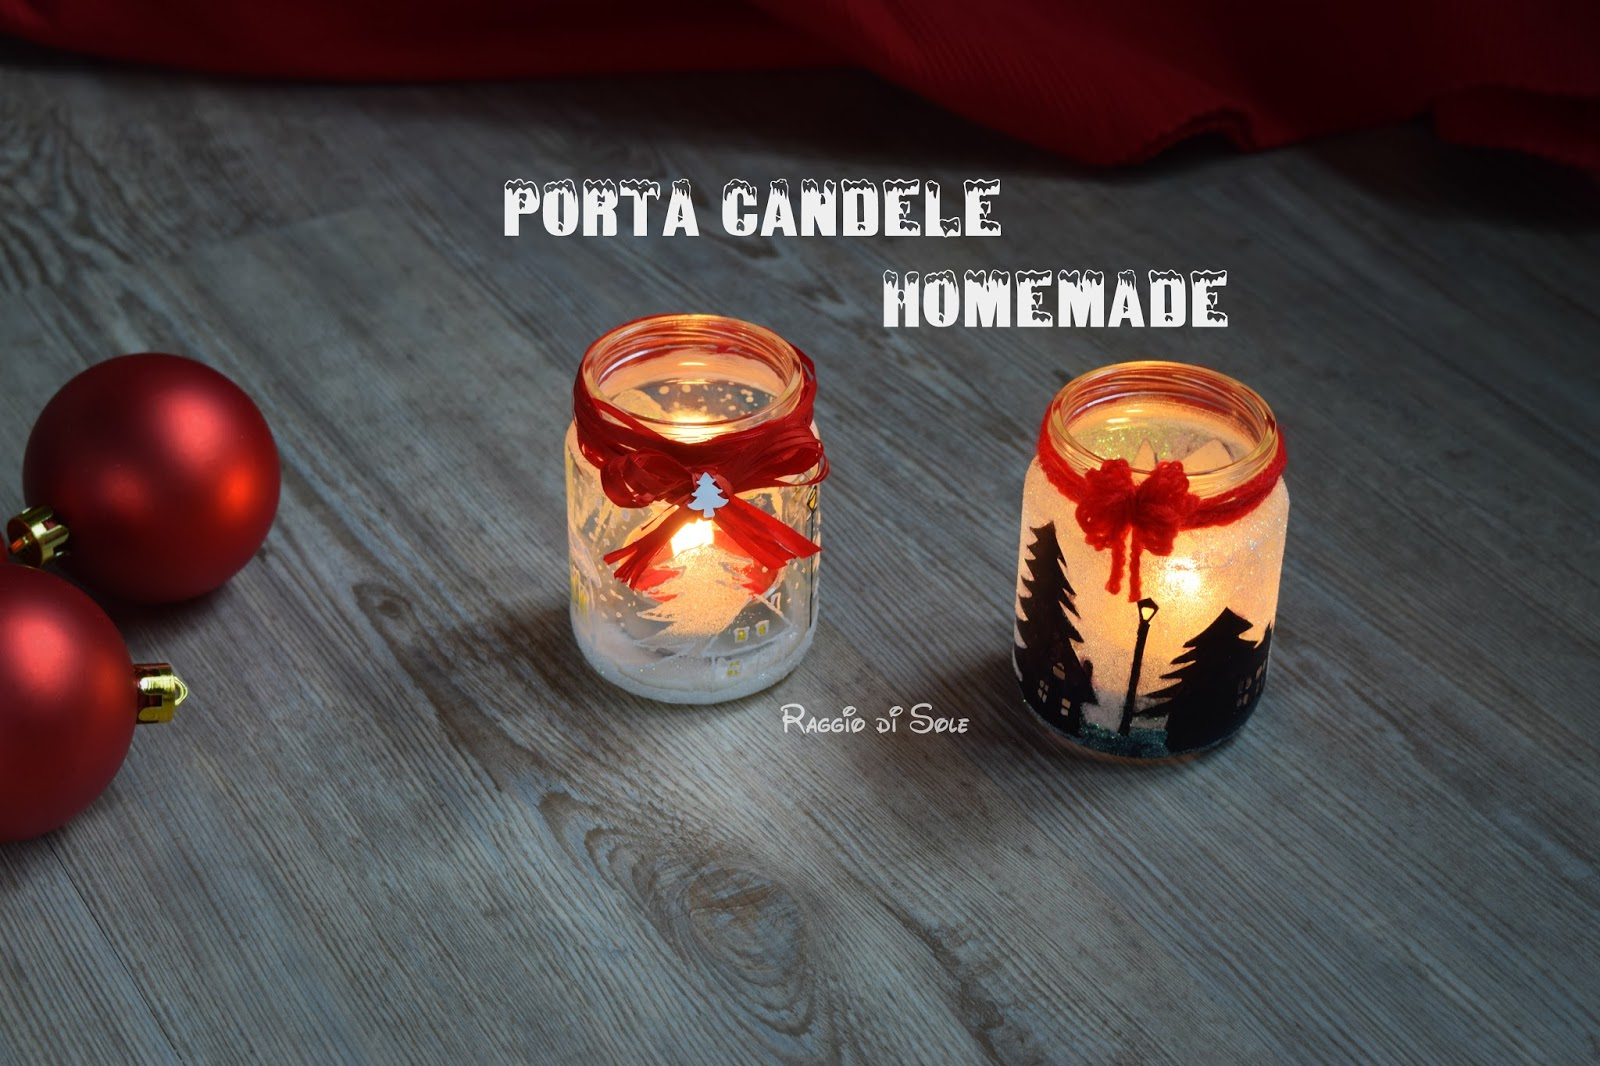 Porta candele homemade raggio di sole - Decorare candele per natale ...